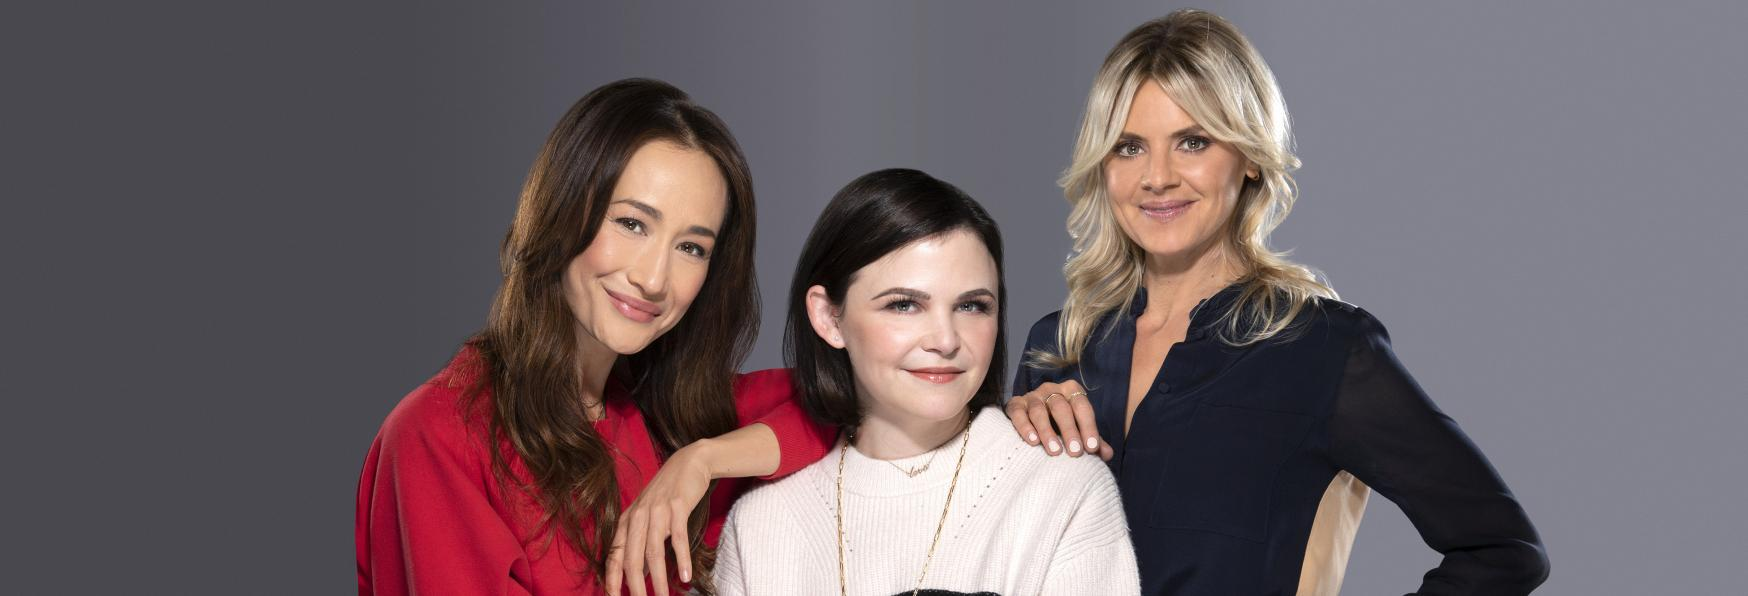 Pivoting: FOX annuncia l'Ordine Ufficiale della nuova Comedy